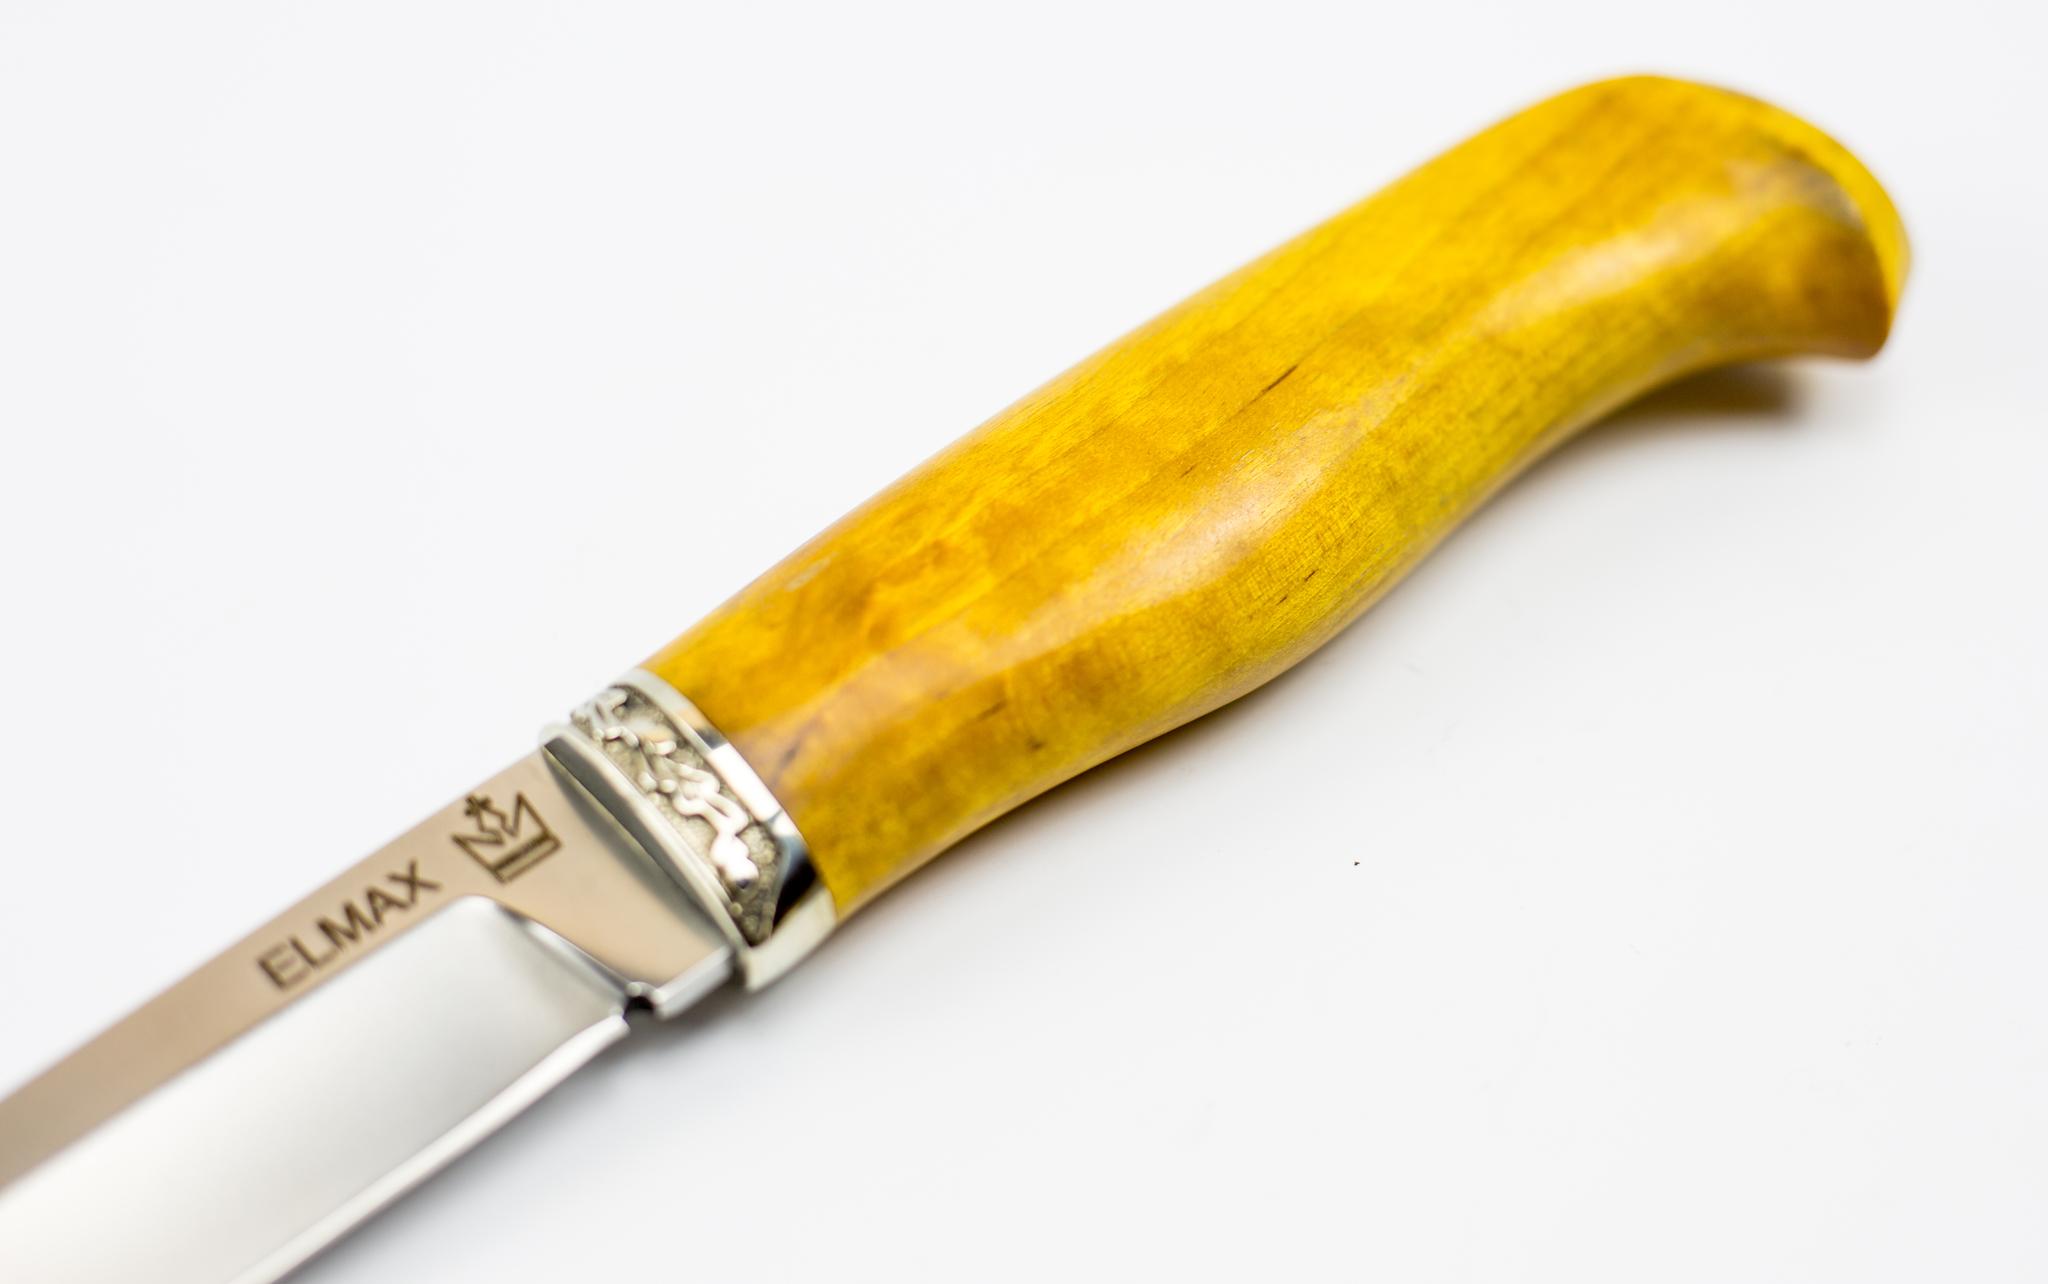 Нож Игла, ELMAX, карельская береза